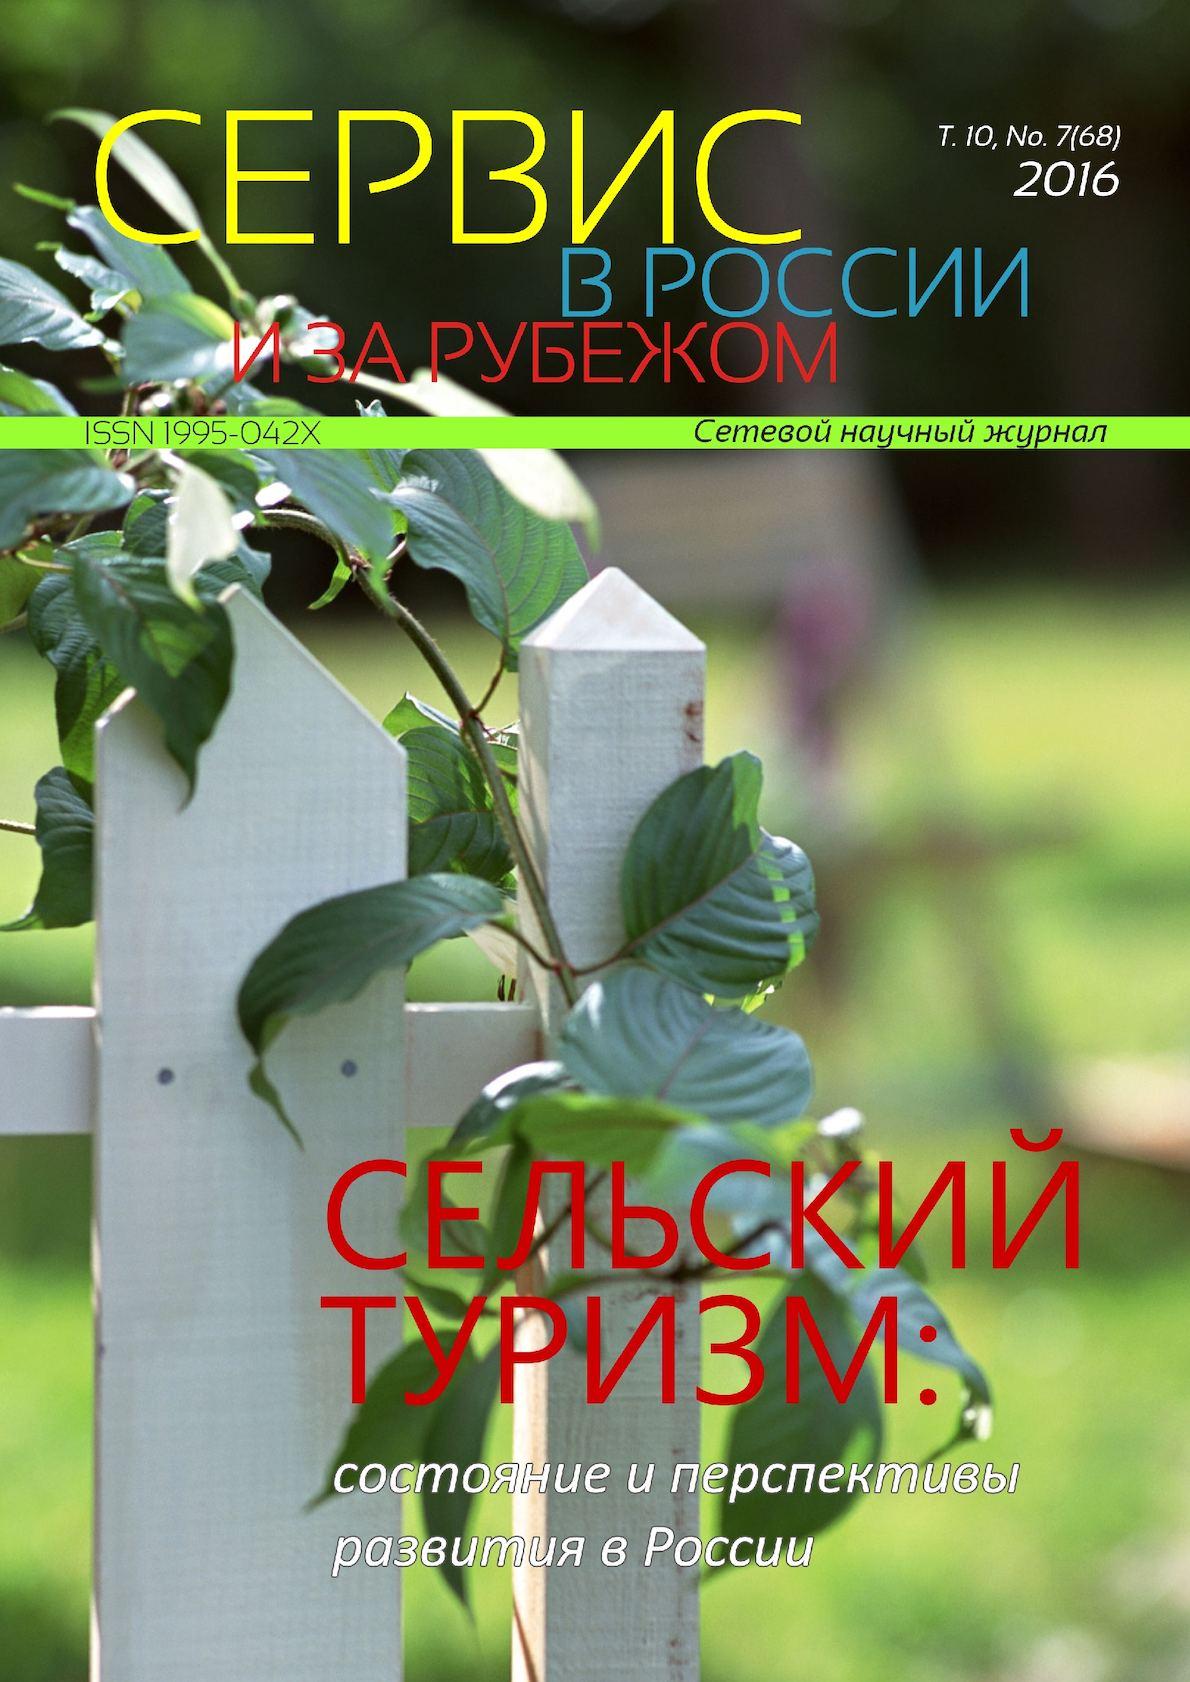 сбербанк взять кредит наличными без справок и поручителей 100000 рублей